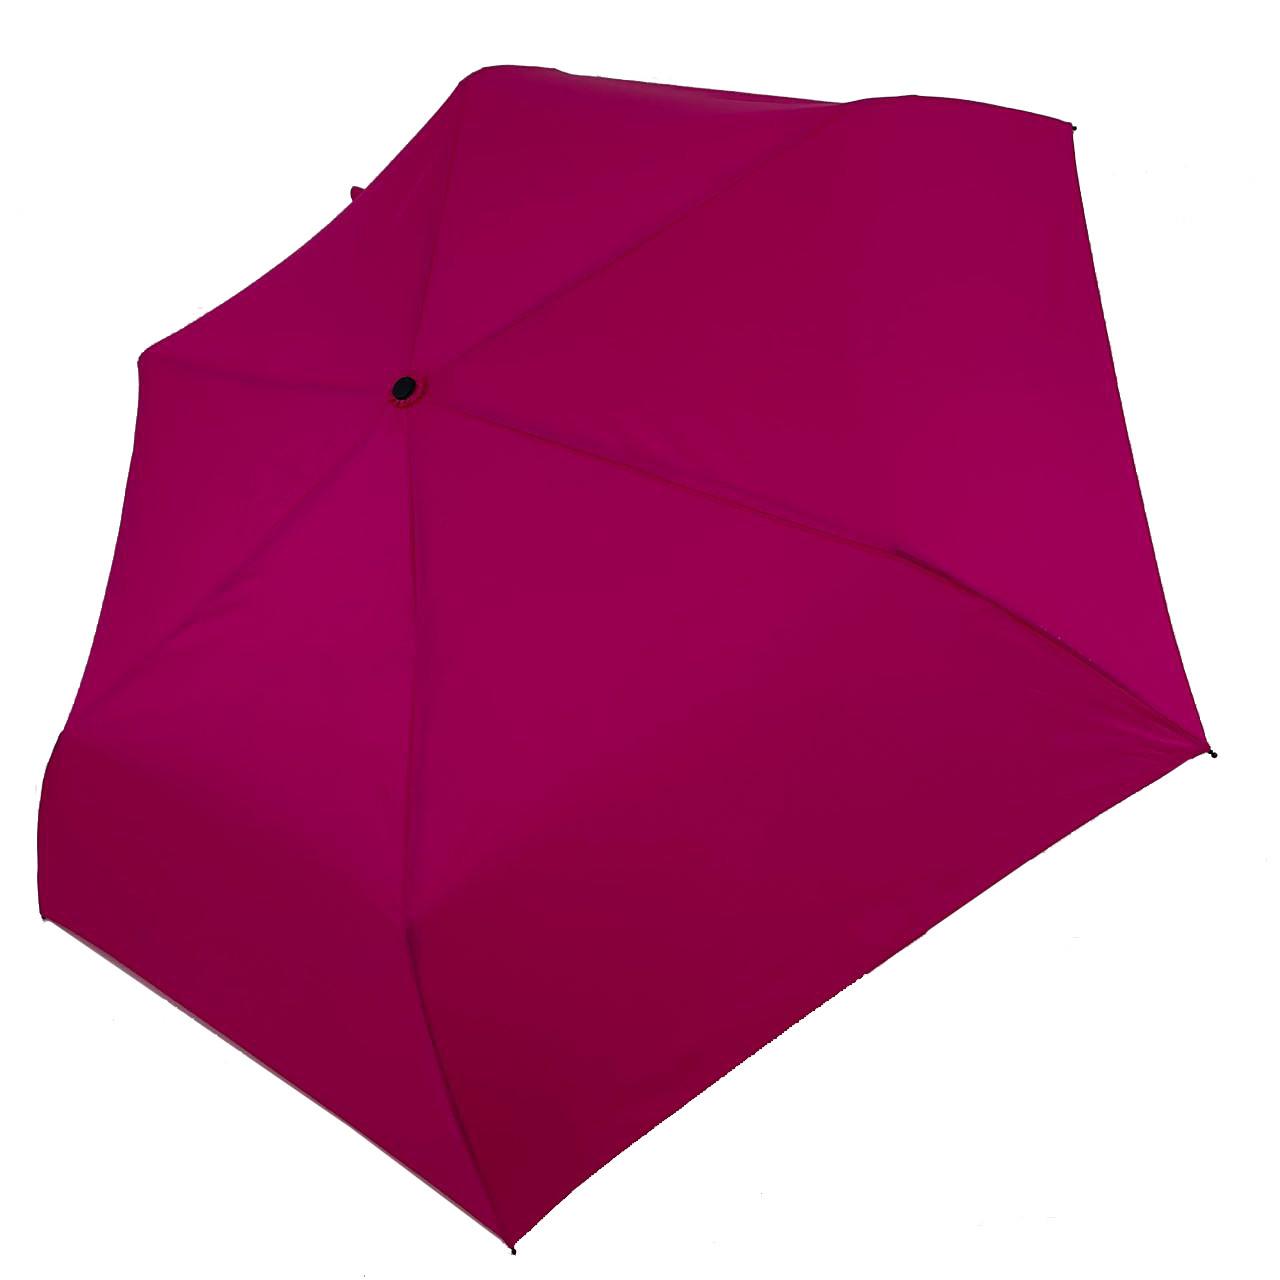 Дитячий / підлітковий механічний парасольку-олівець SL, рожевий, SL488-5